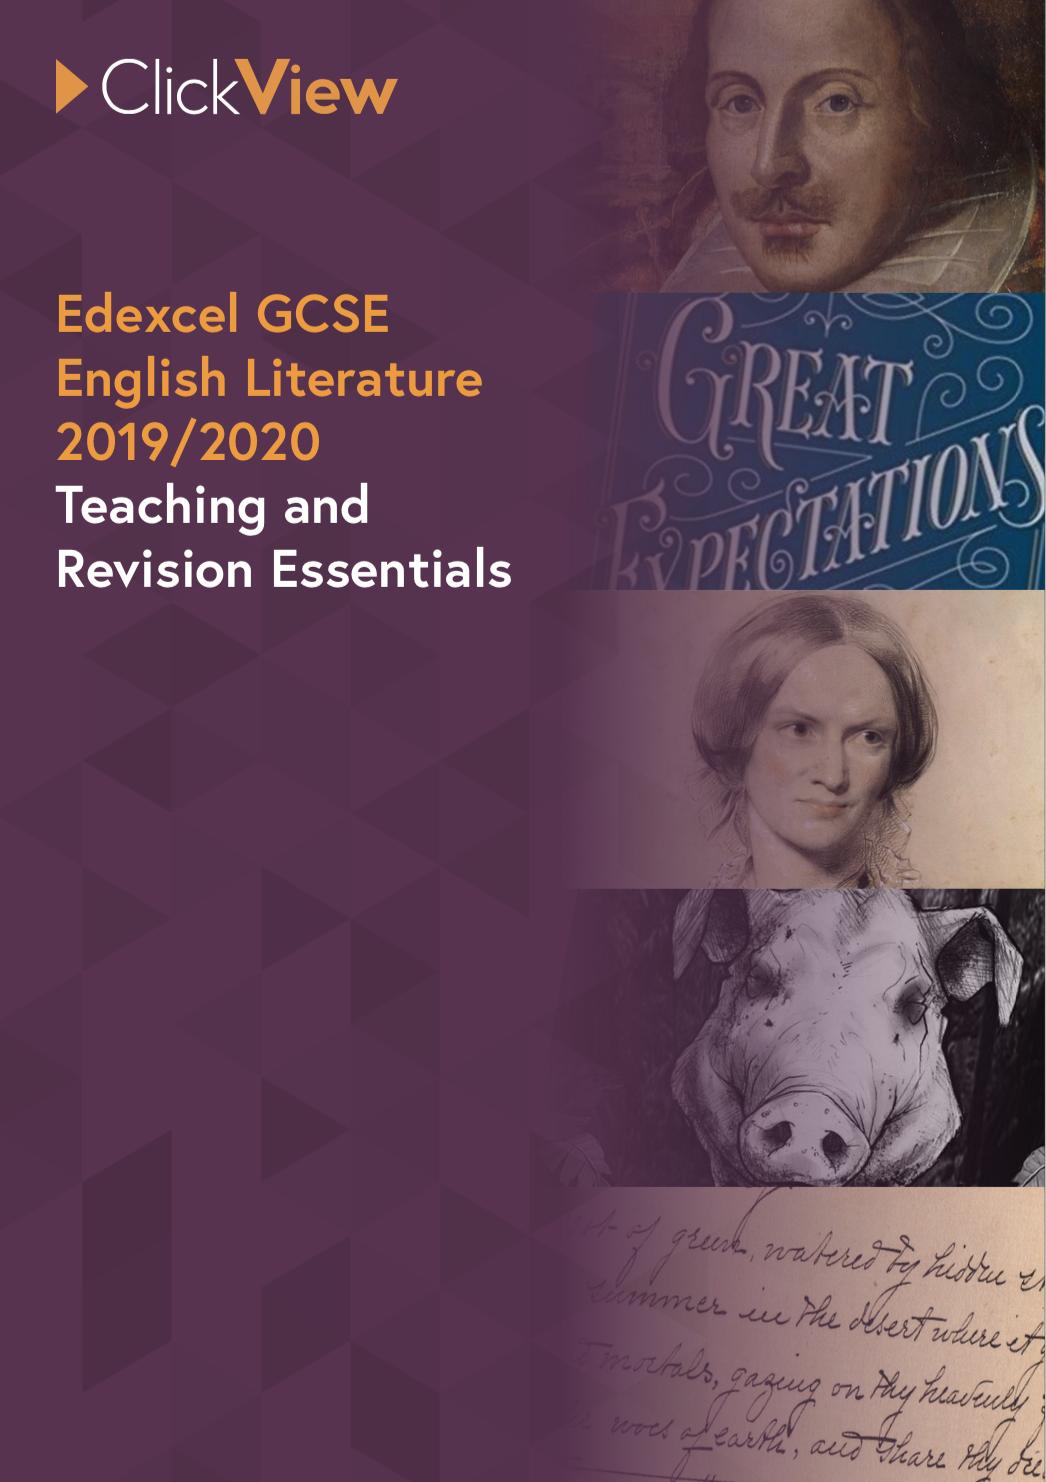 Edexcel GCSE English Literature - Teaching and Revision Essentials